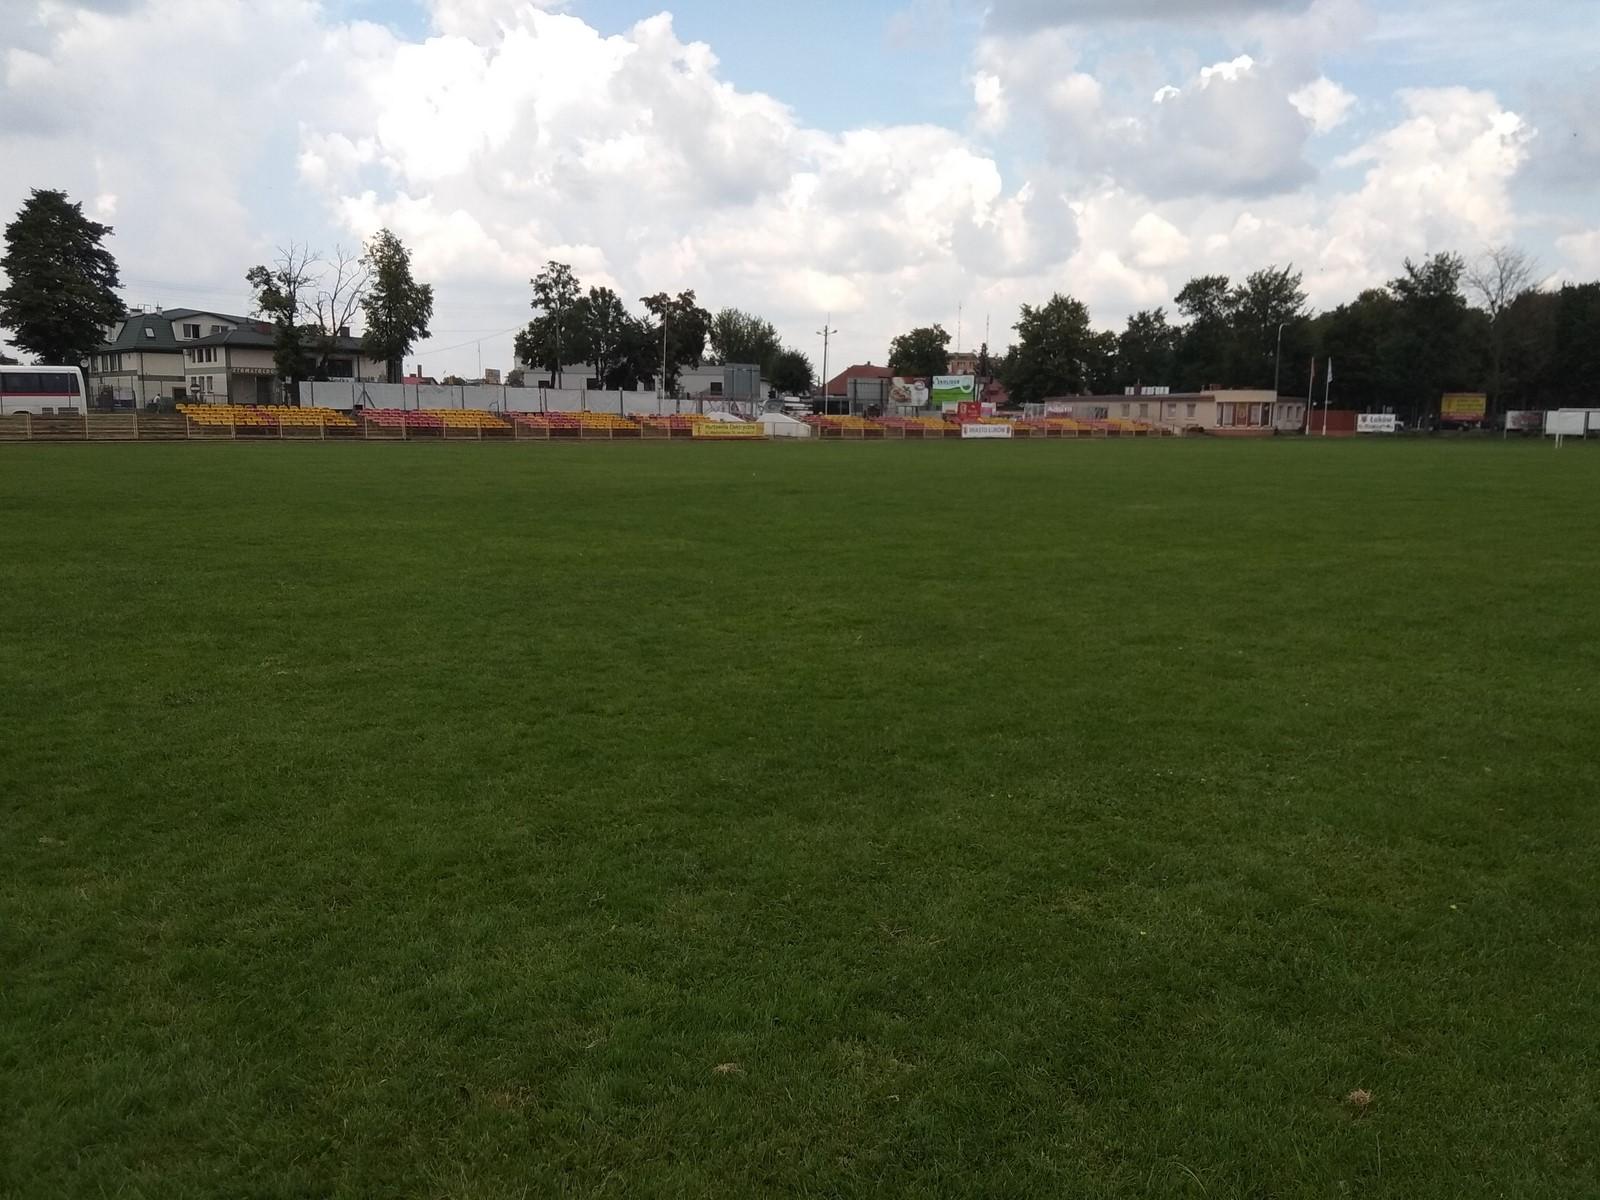 stadion008